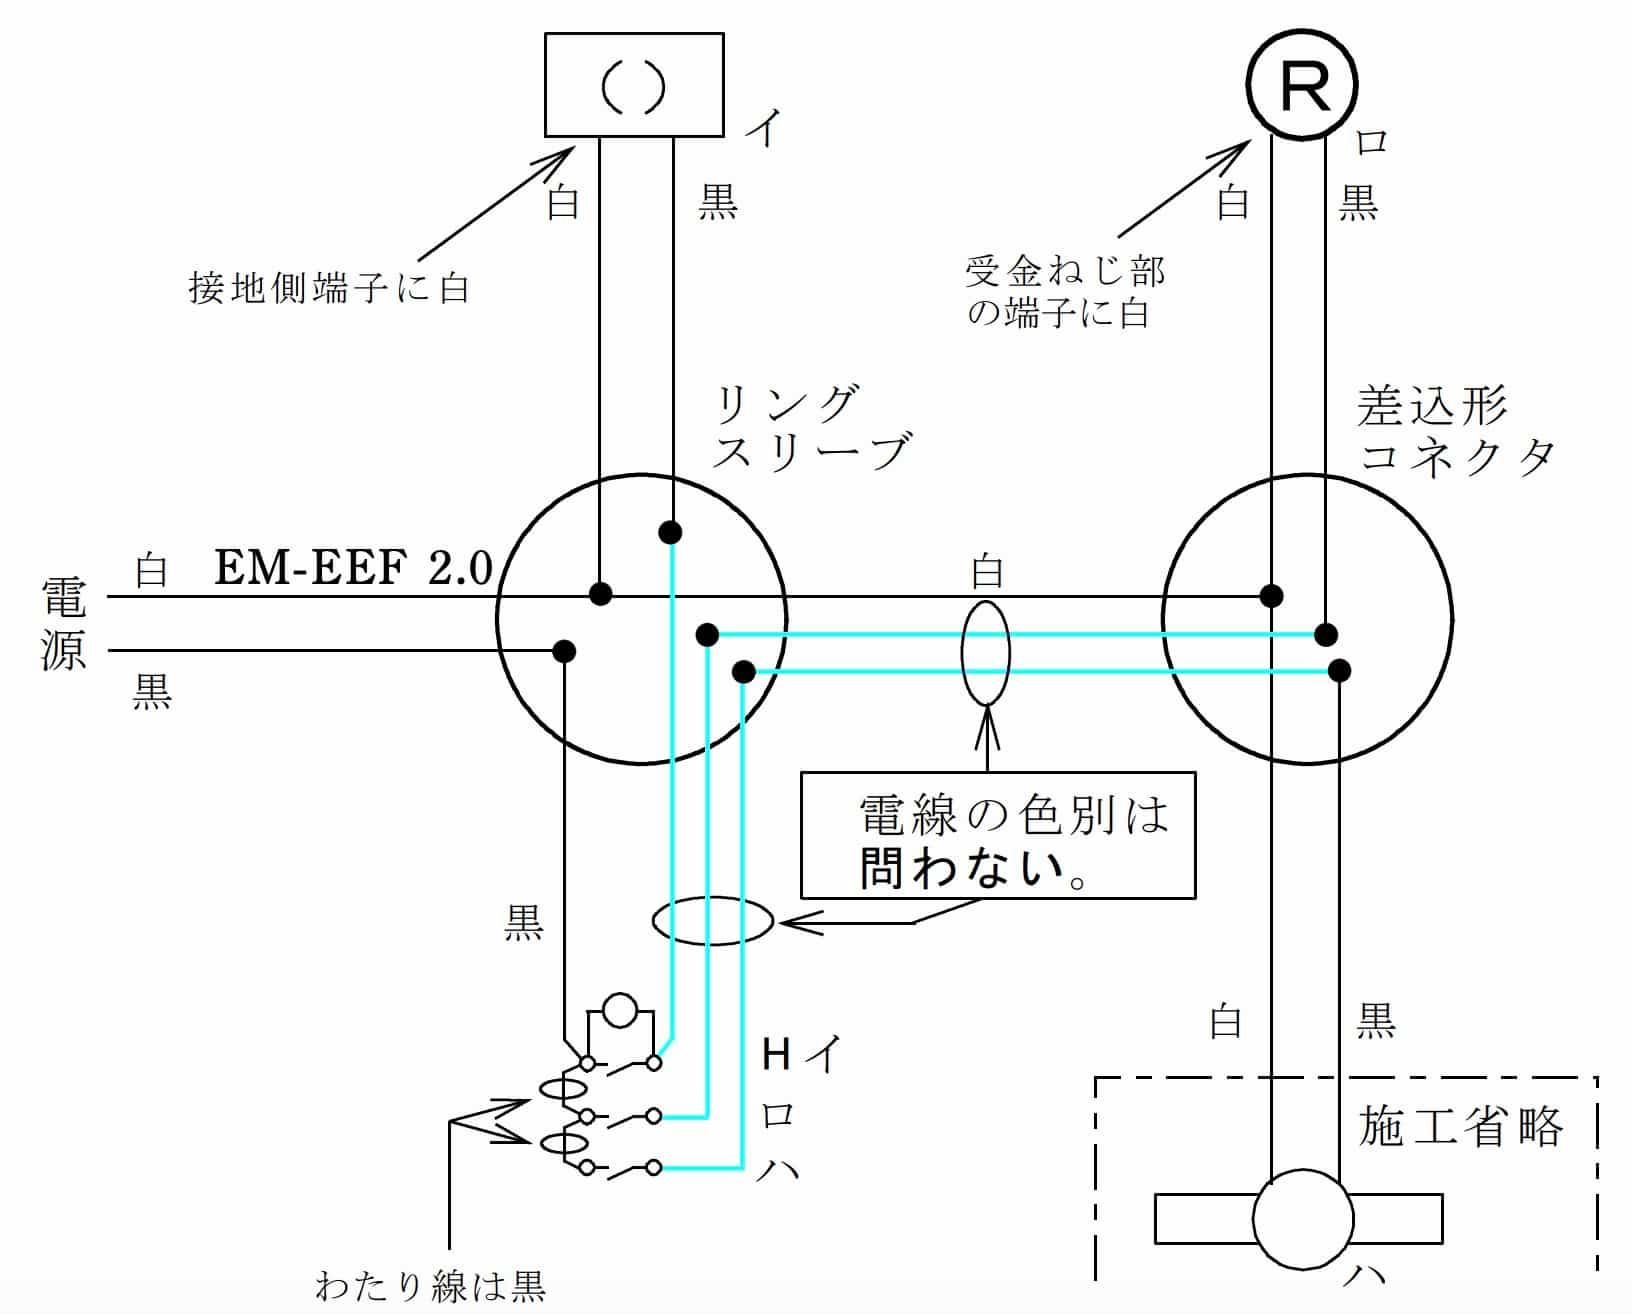 第二種電気工事士の技能試験の試験問題No.1の複線図